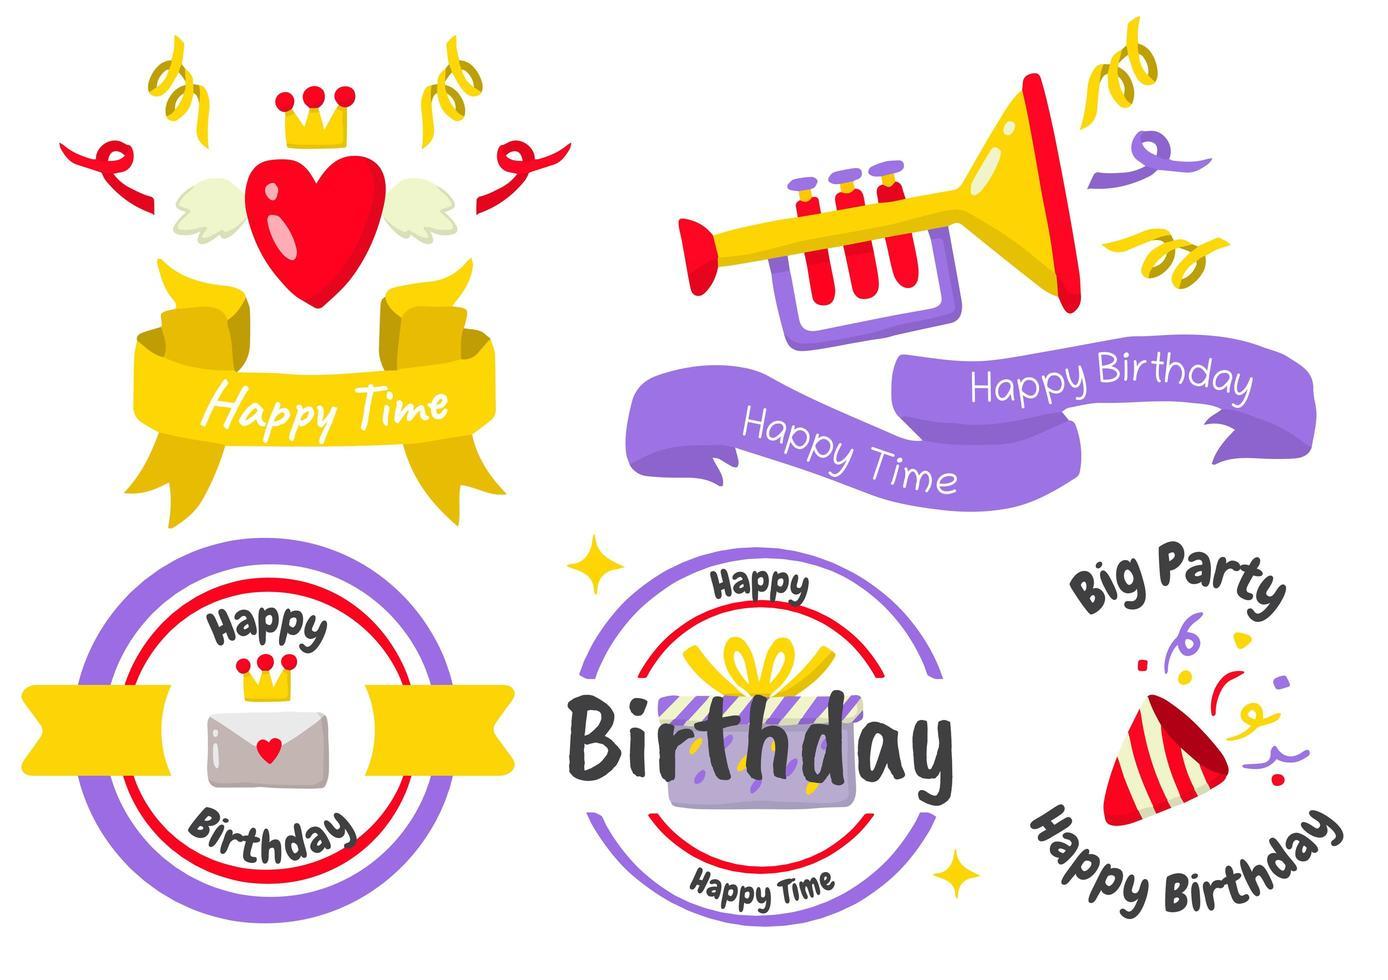 födelsedagsfest etikett logotyper för banner vektor